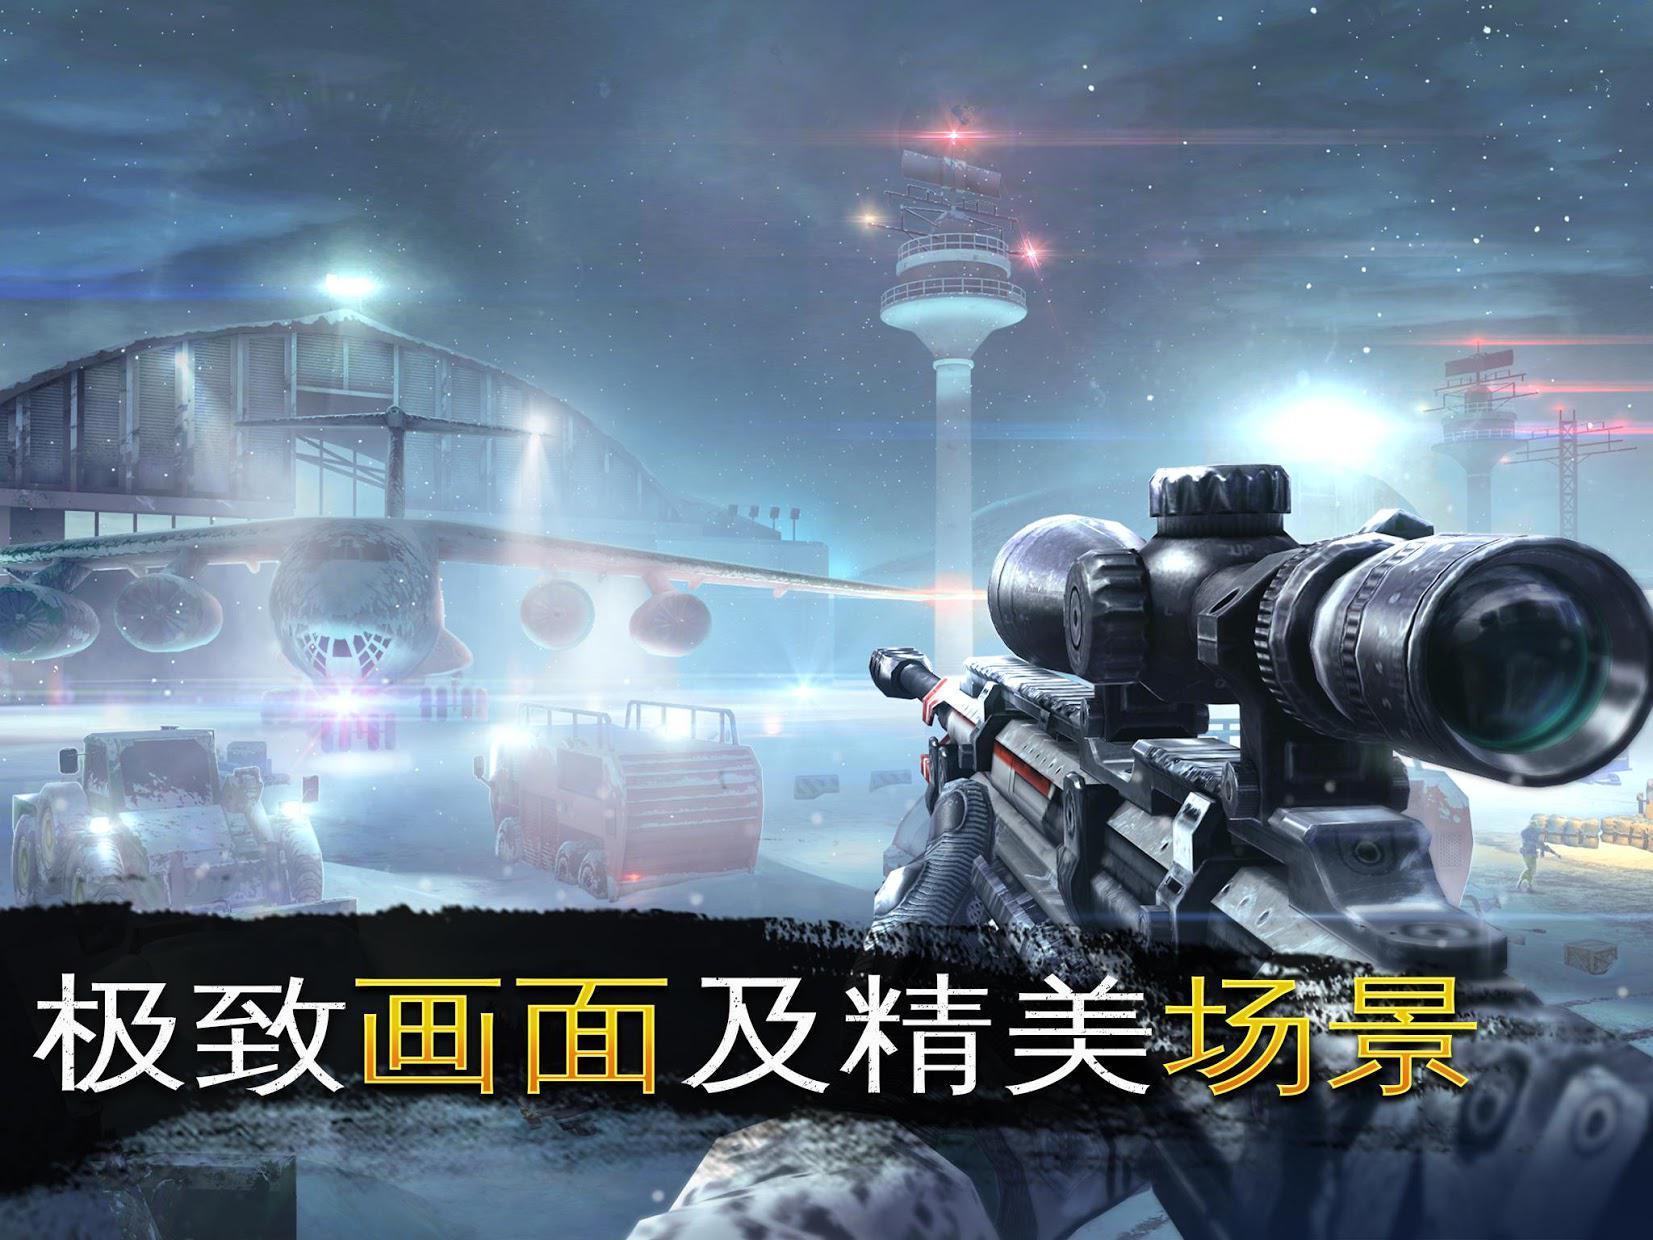 炽热狙击:最好玩的射击游戏 游戏截图1